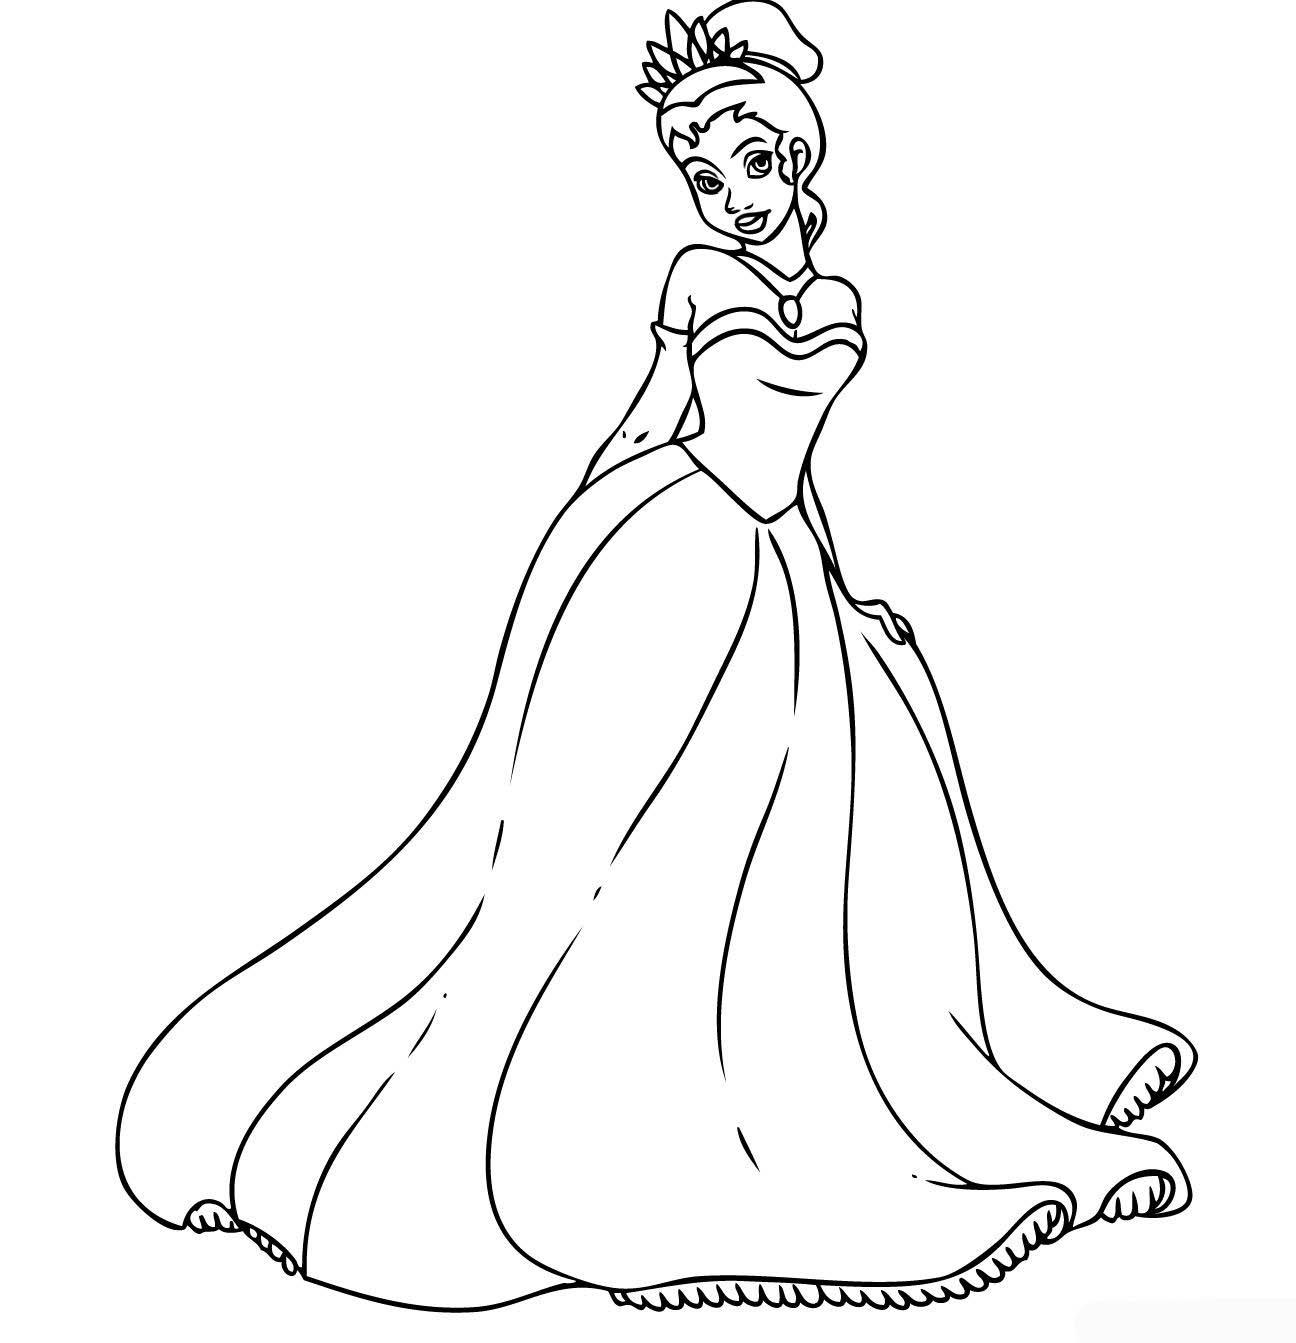 Disney Princess Coloring Pages Tiana